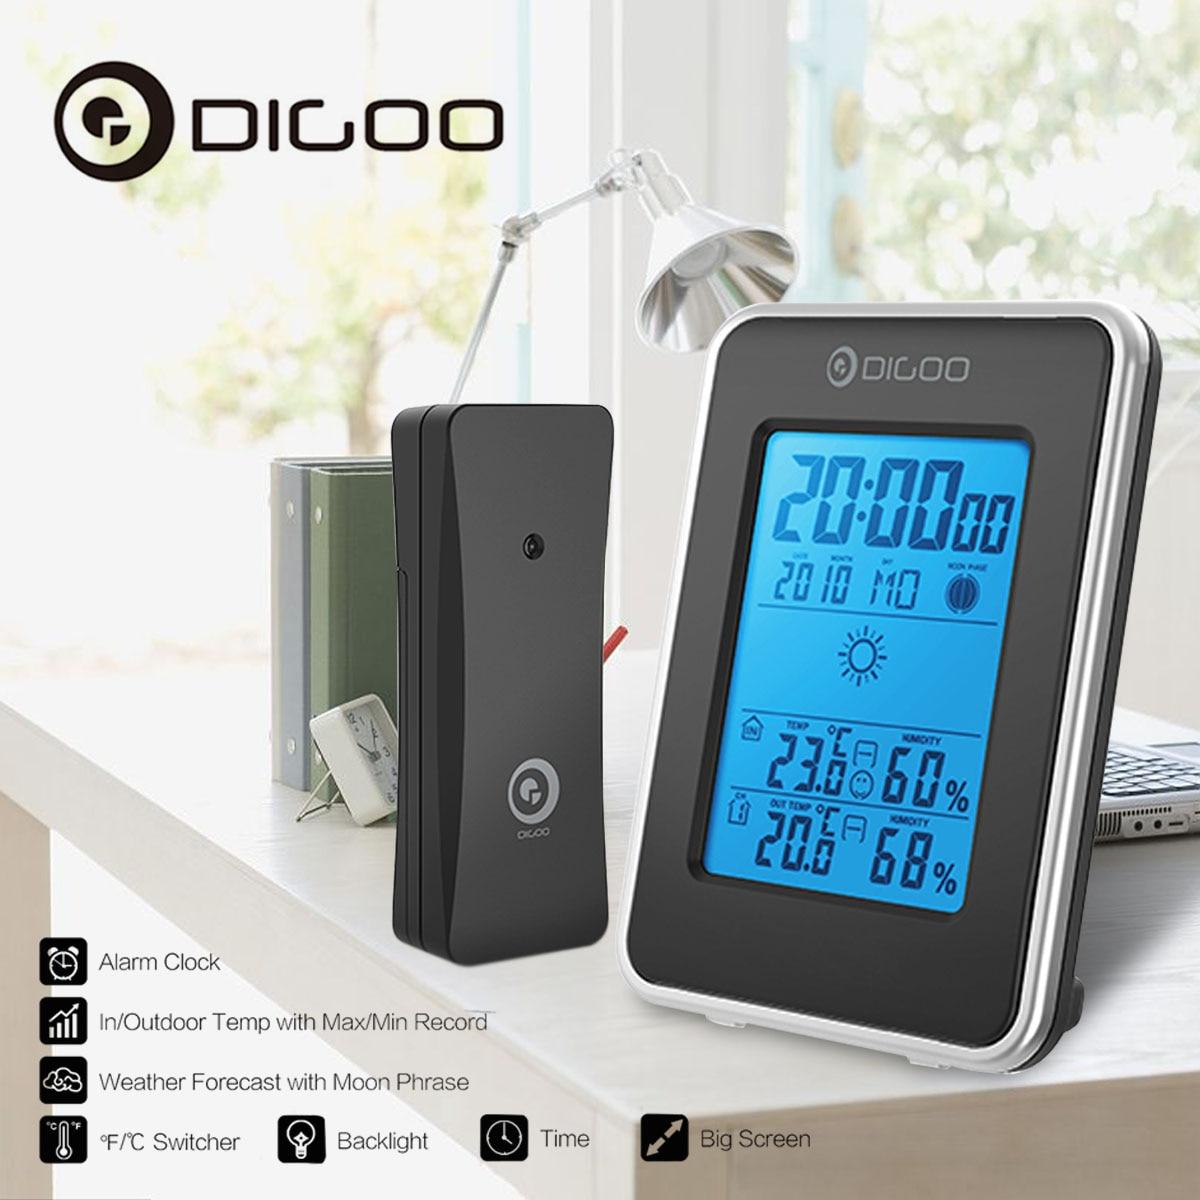 Digoo DG-TH1981 Estação Meteorológica Previsão Azul Backlit LCD Digital Higrômetro Termômetro Ao Ar Livre Relógio Do Sensor